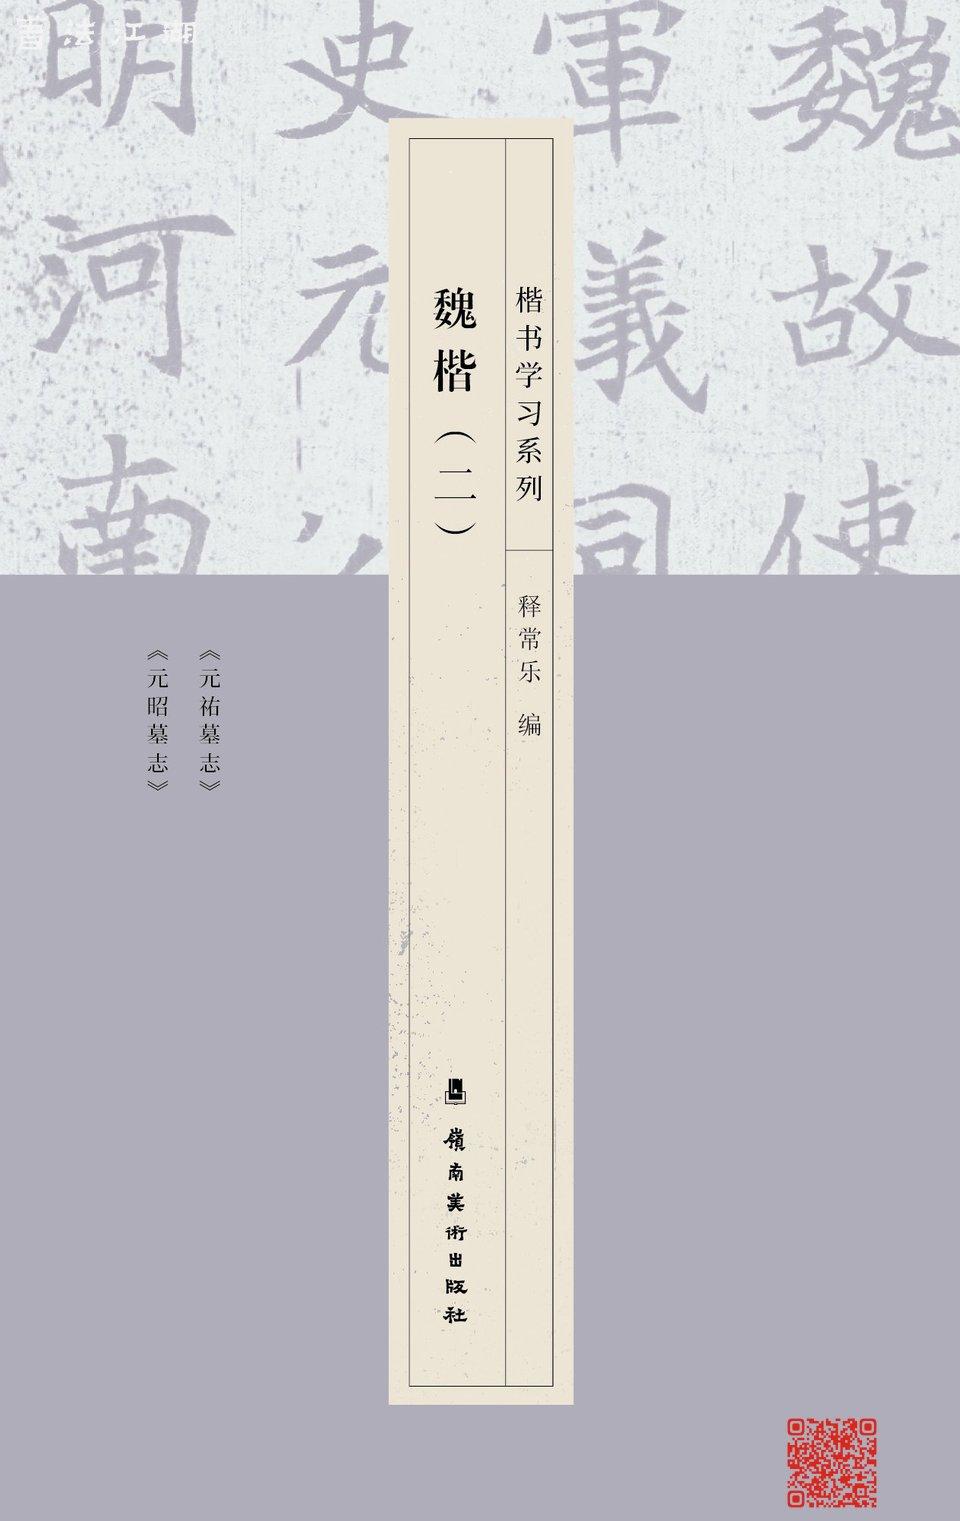 4-魏楷2-封面-01.jpg